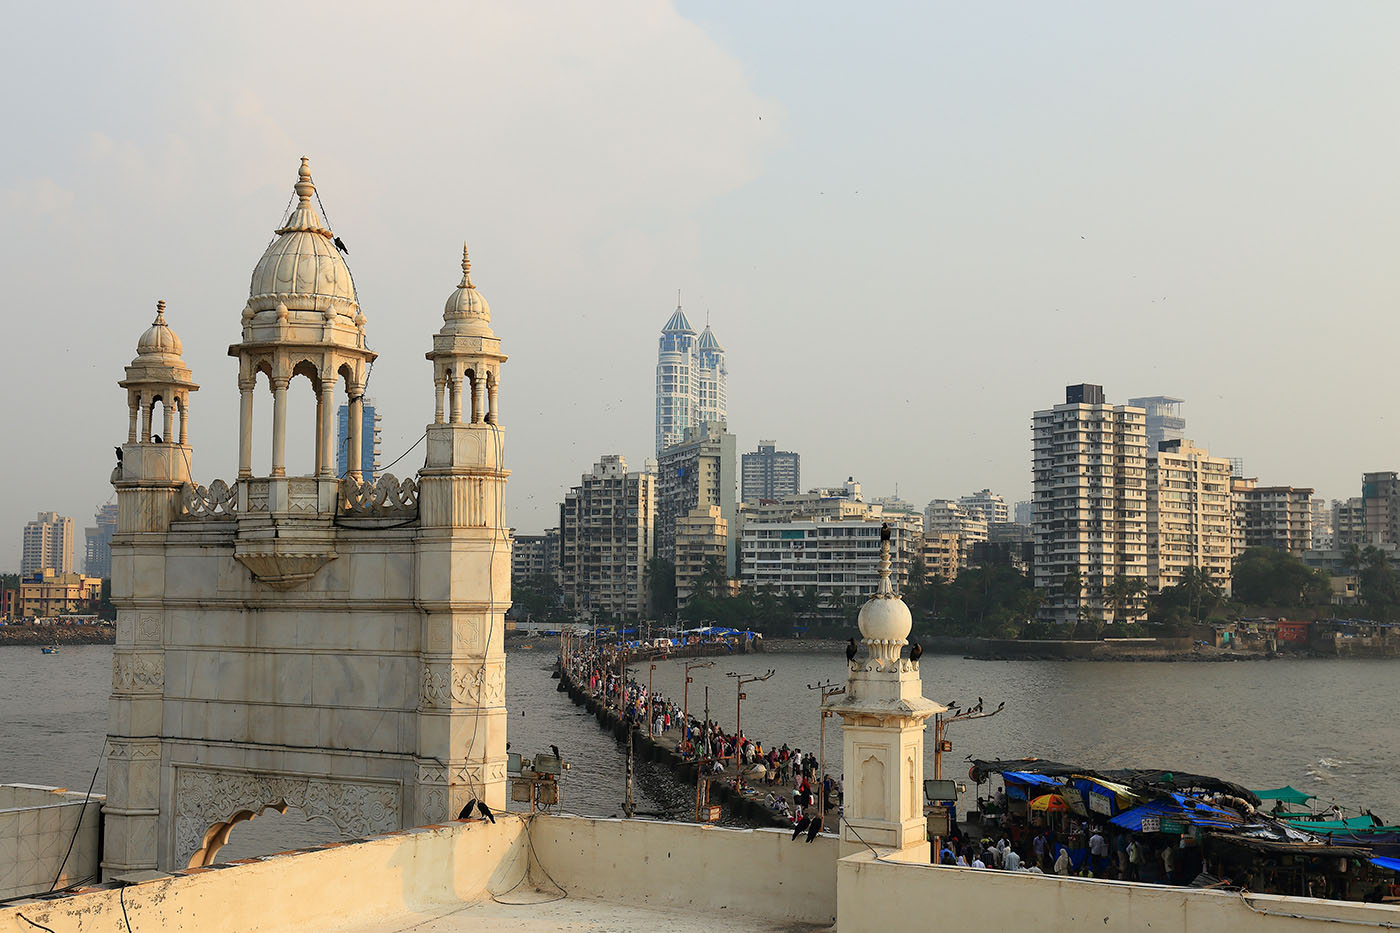 Фотография №29. Еще раз дамба, соединяющая остров с мечетью Хаджи Али в Мумбаи. Отзывы туристов о путешествии по Индии самостоятельно (24-70, 1/250, 0eV, f9, 41 mm, ISO 100)